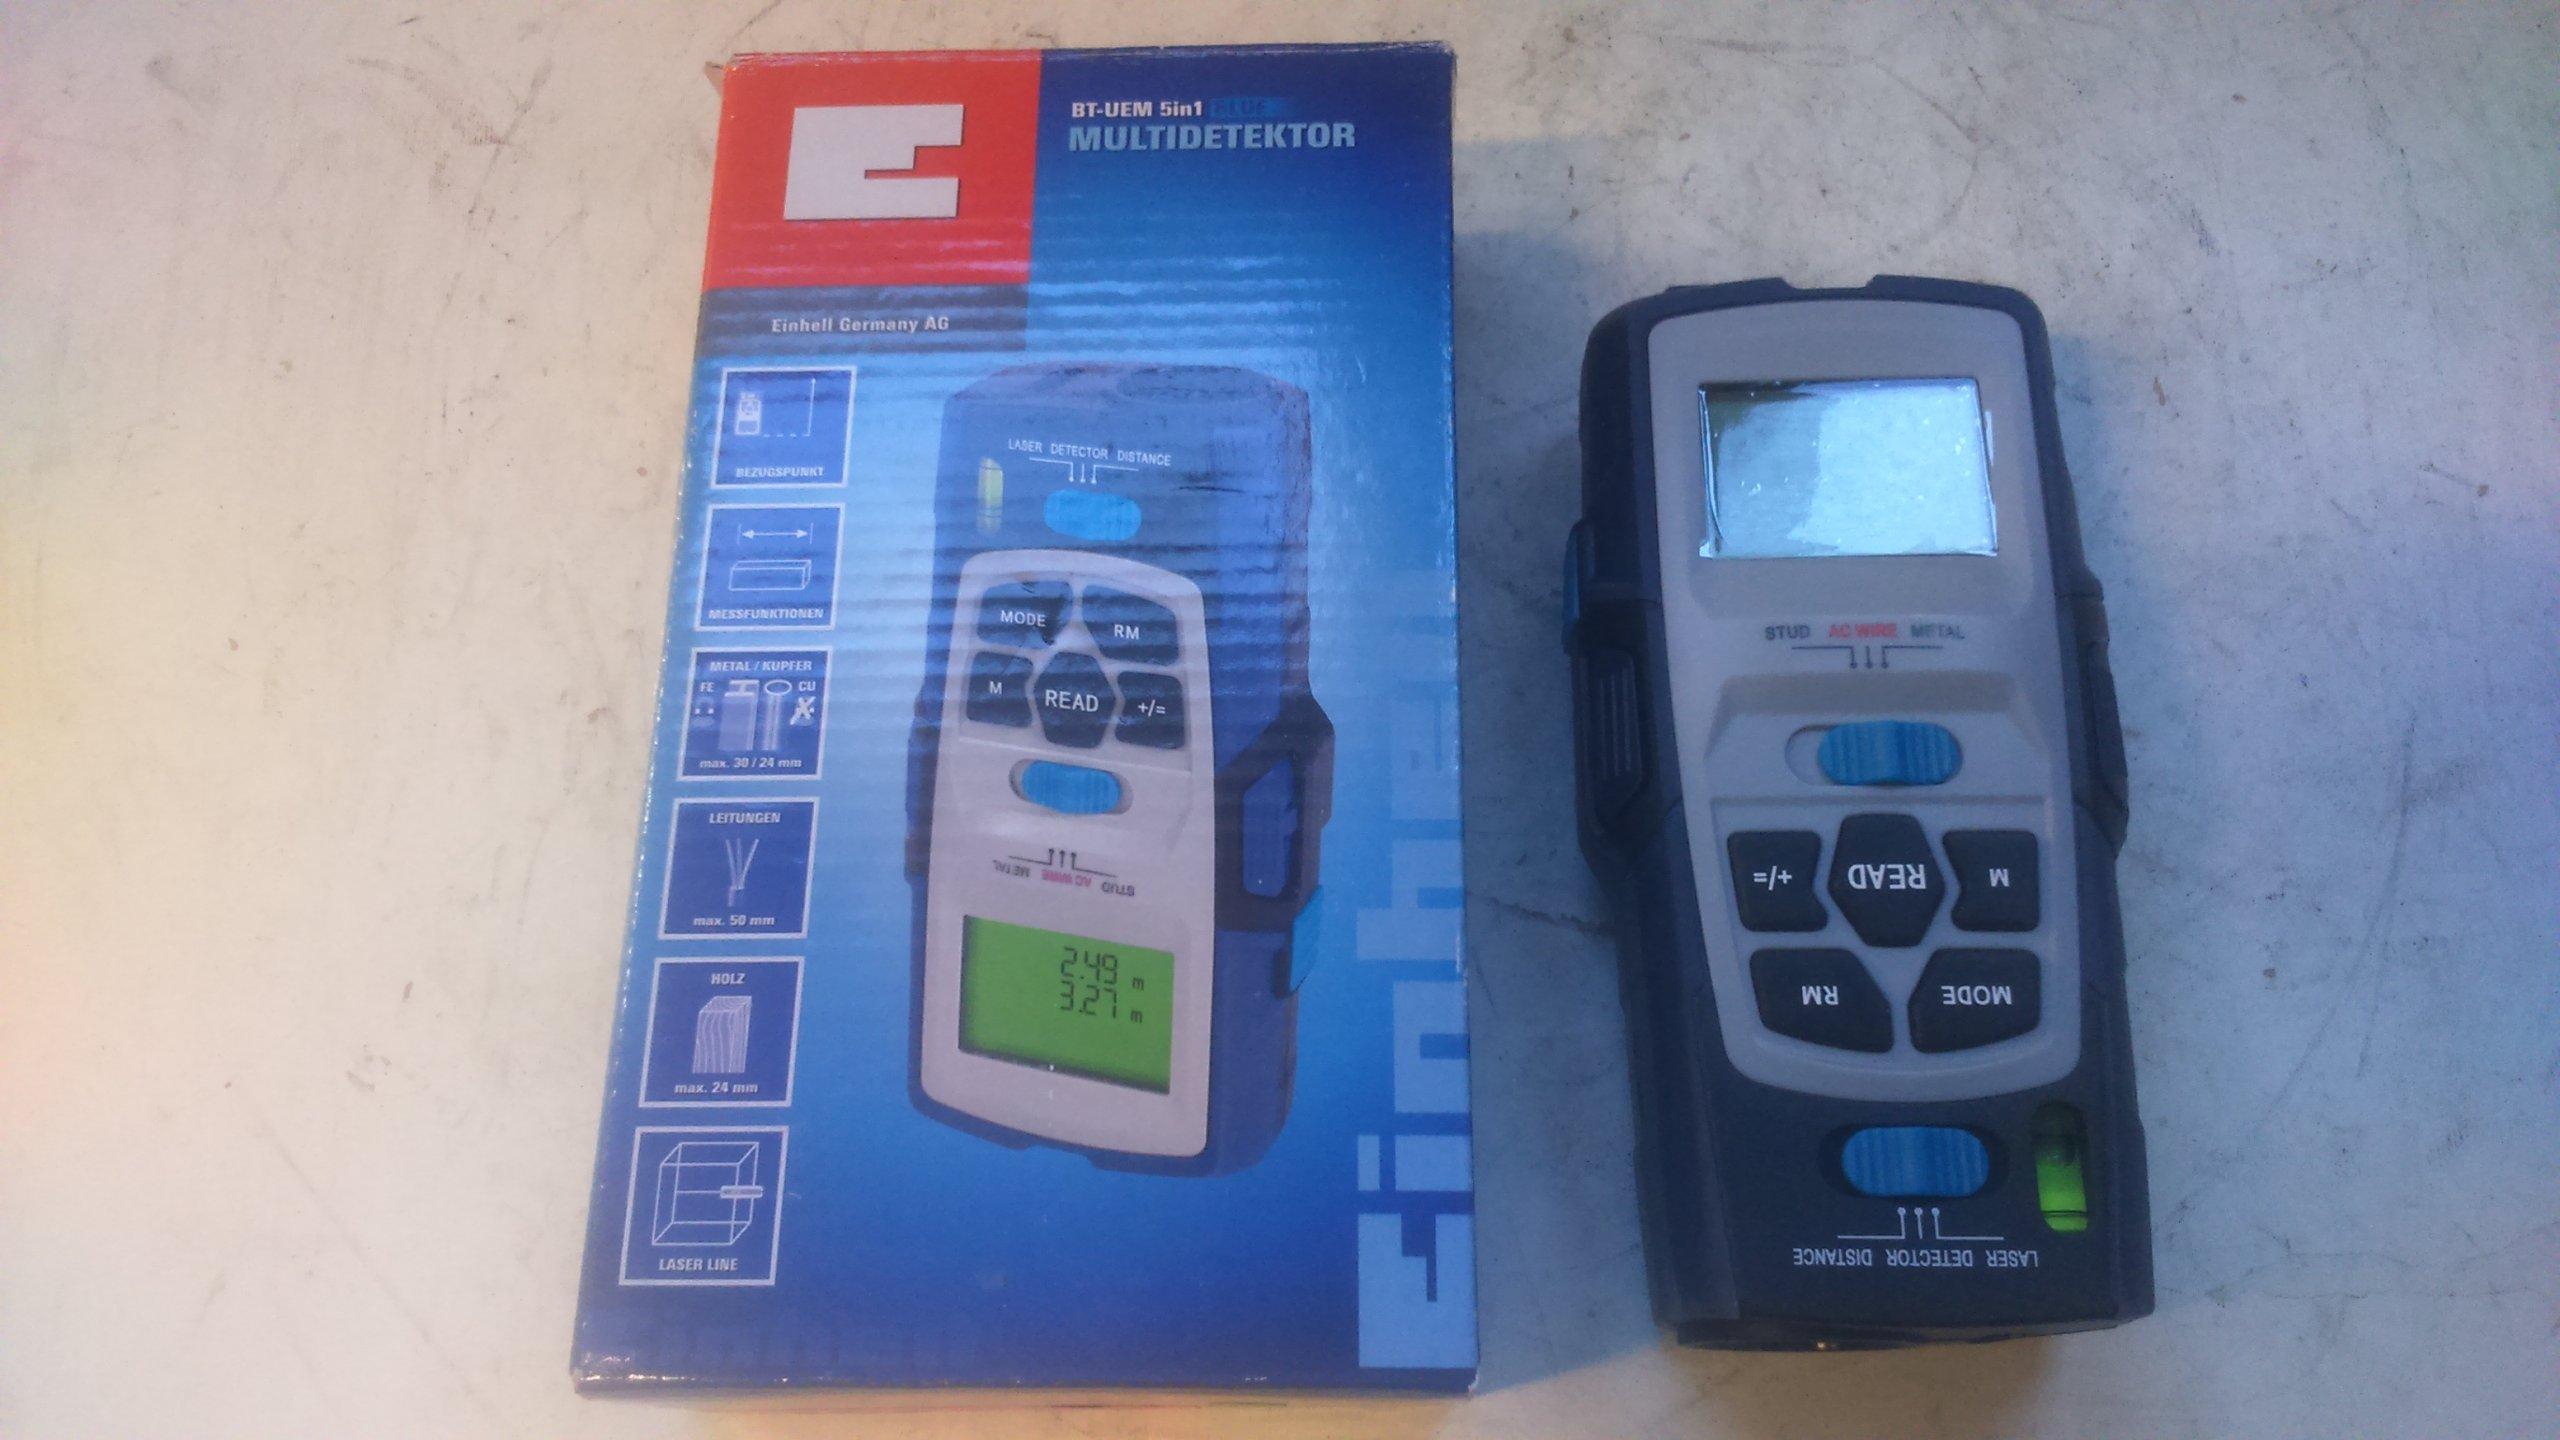 multidetektor, dalmierz einhell bt uem 5in1 - 7458217746 - oficjalne